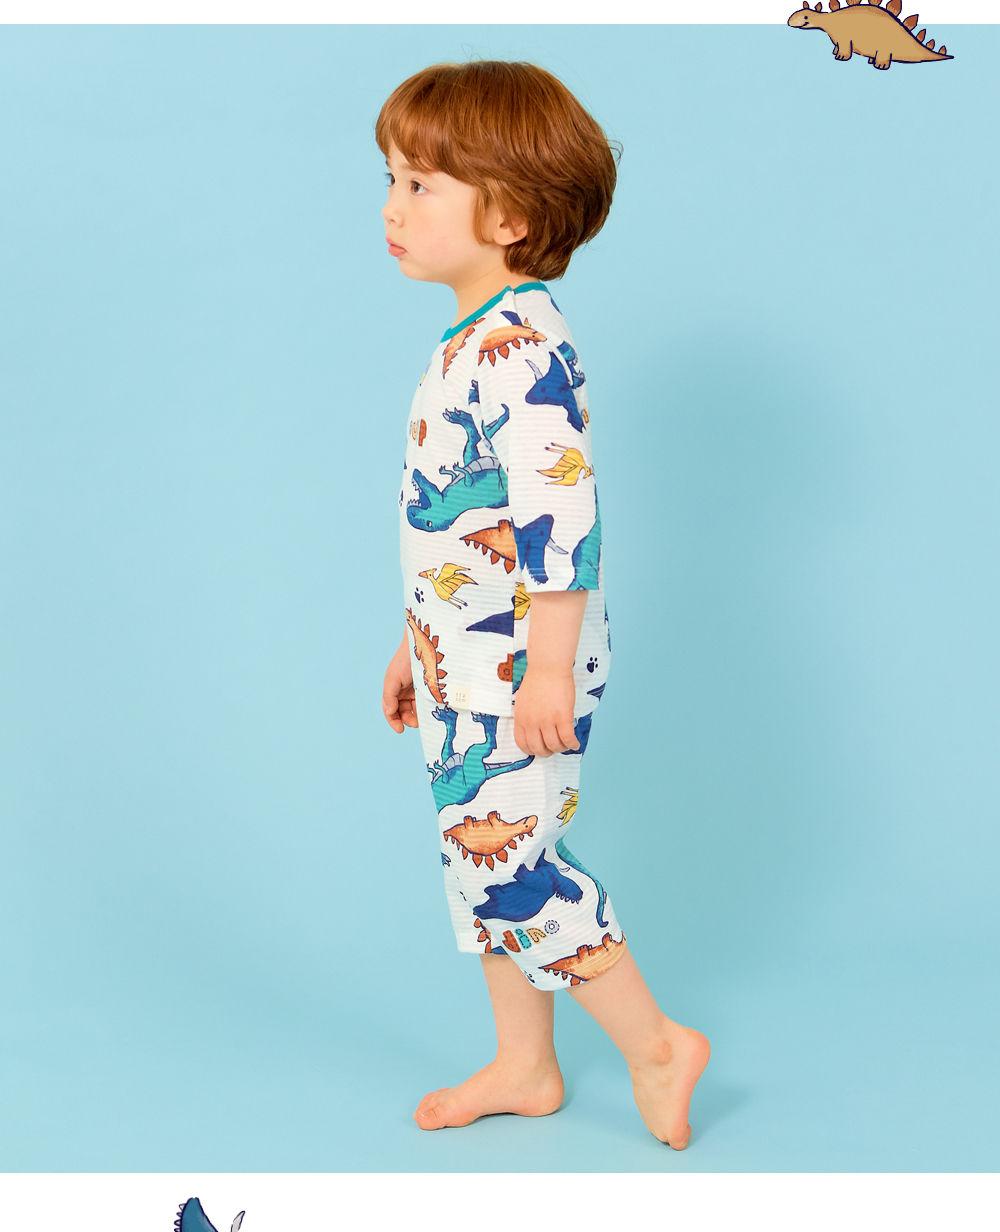 TTASOM - Korean Children Fashion - #Kfashion4kids - Find Dinosaur Easywear - 6